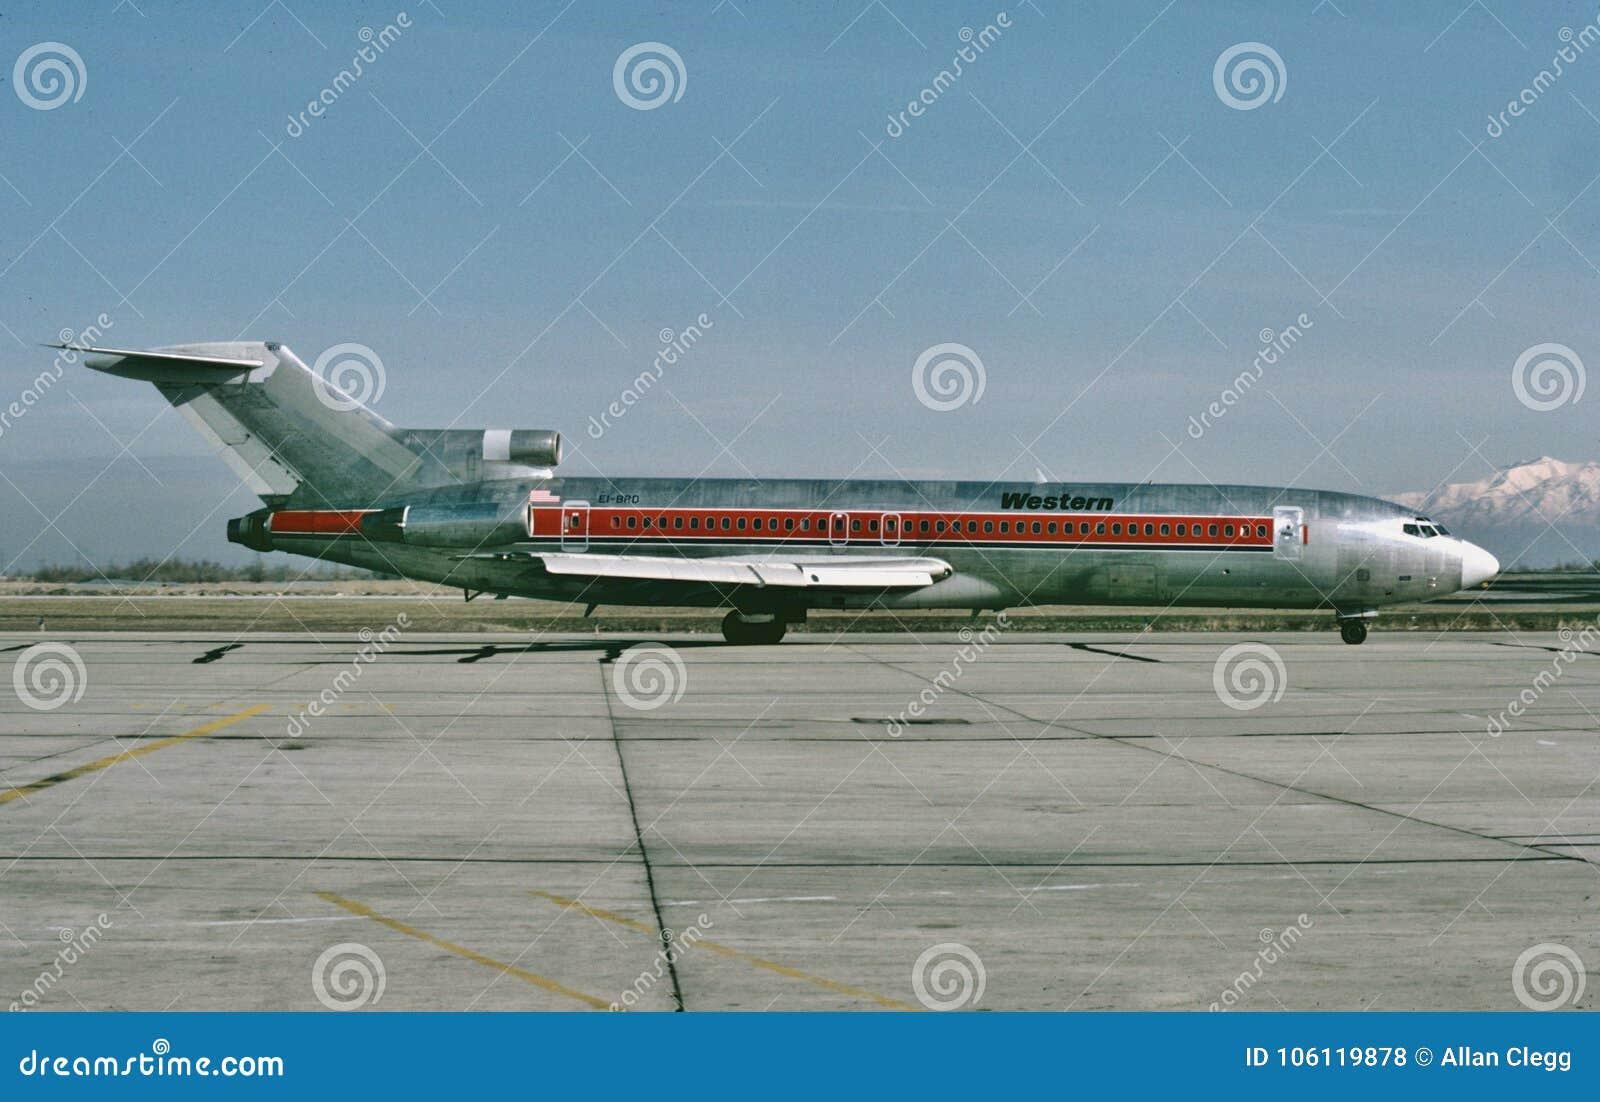 Westfluglinien Boeing B-727 nach einem anderen Flug nach Salt Lake City, Utah